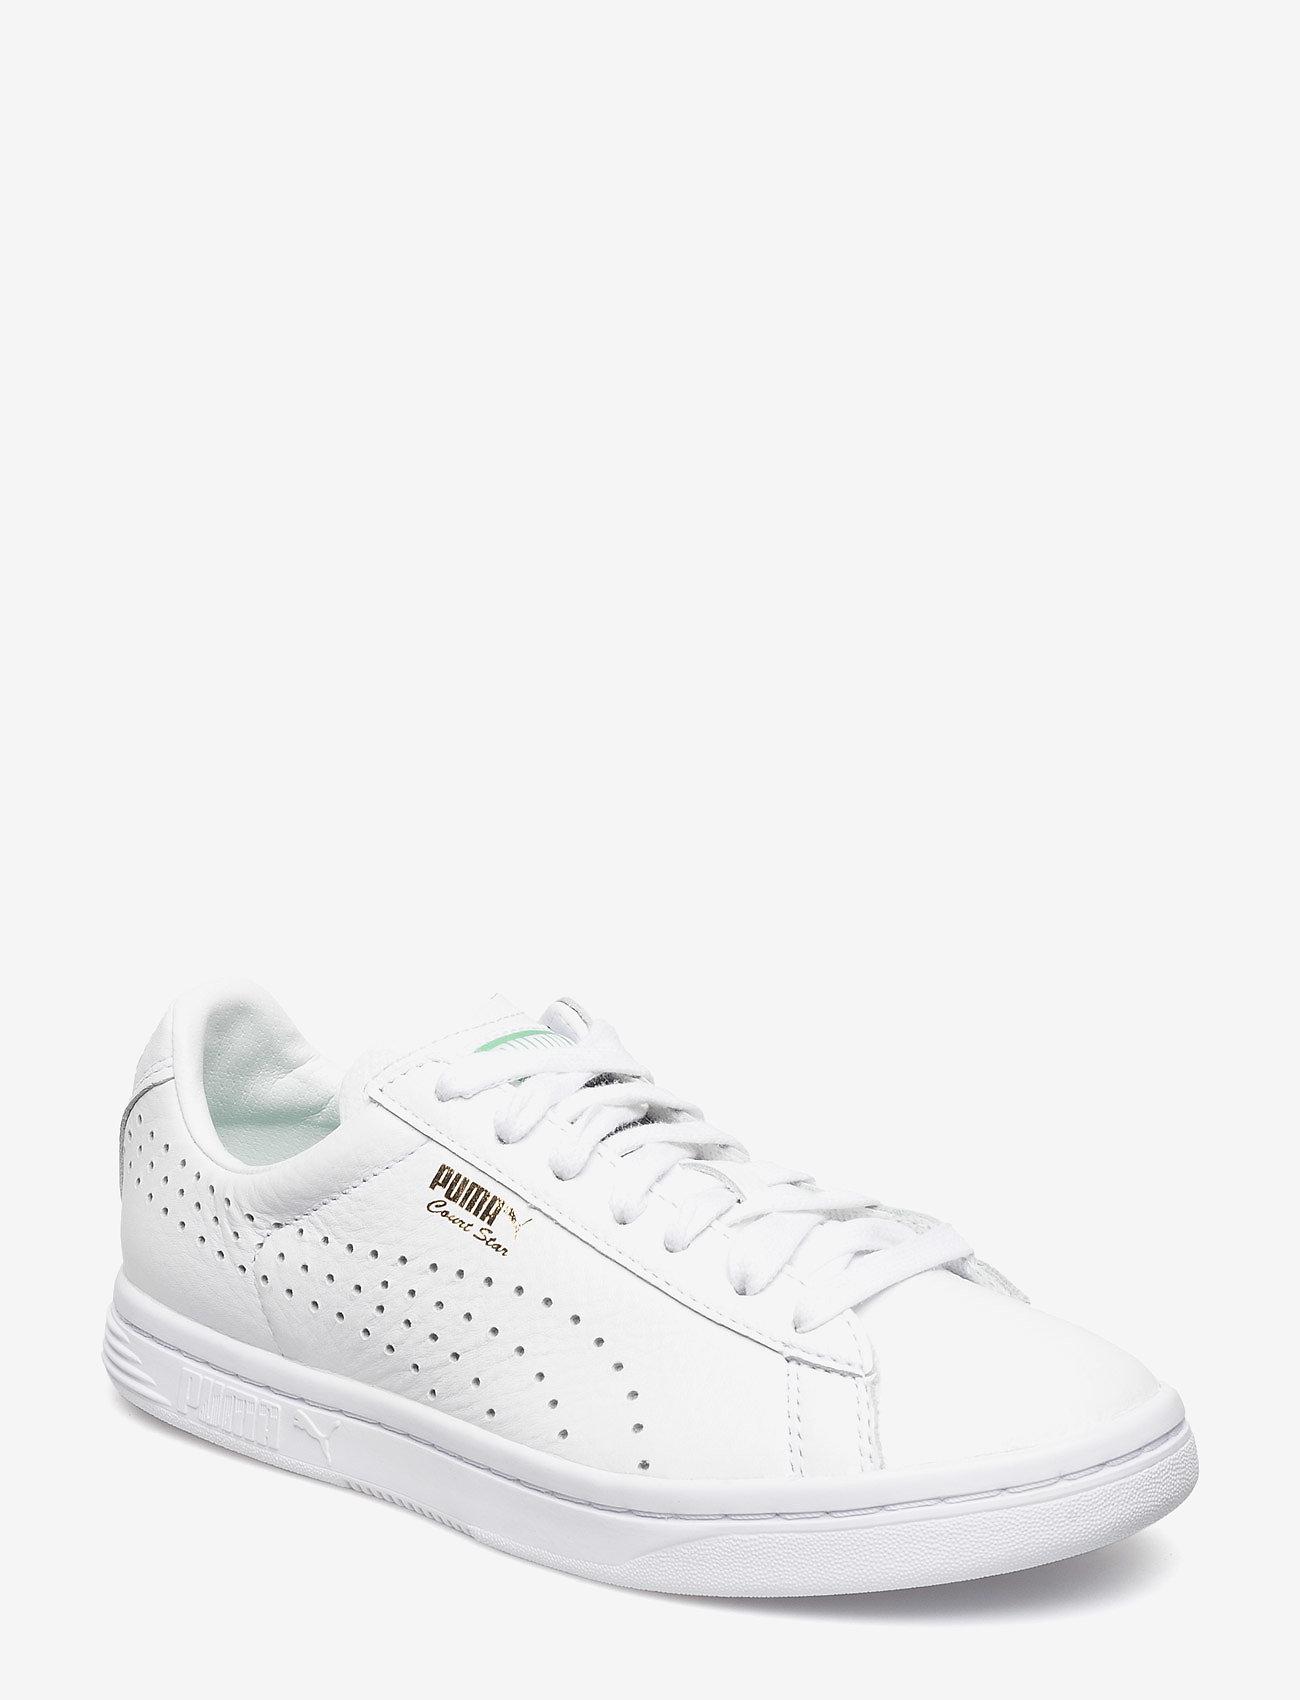 Court Star Nm (White) (52 €) - PUMA